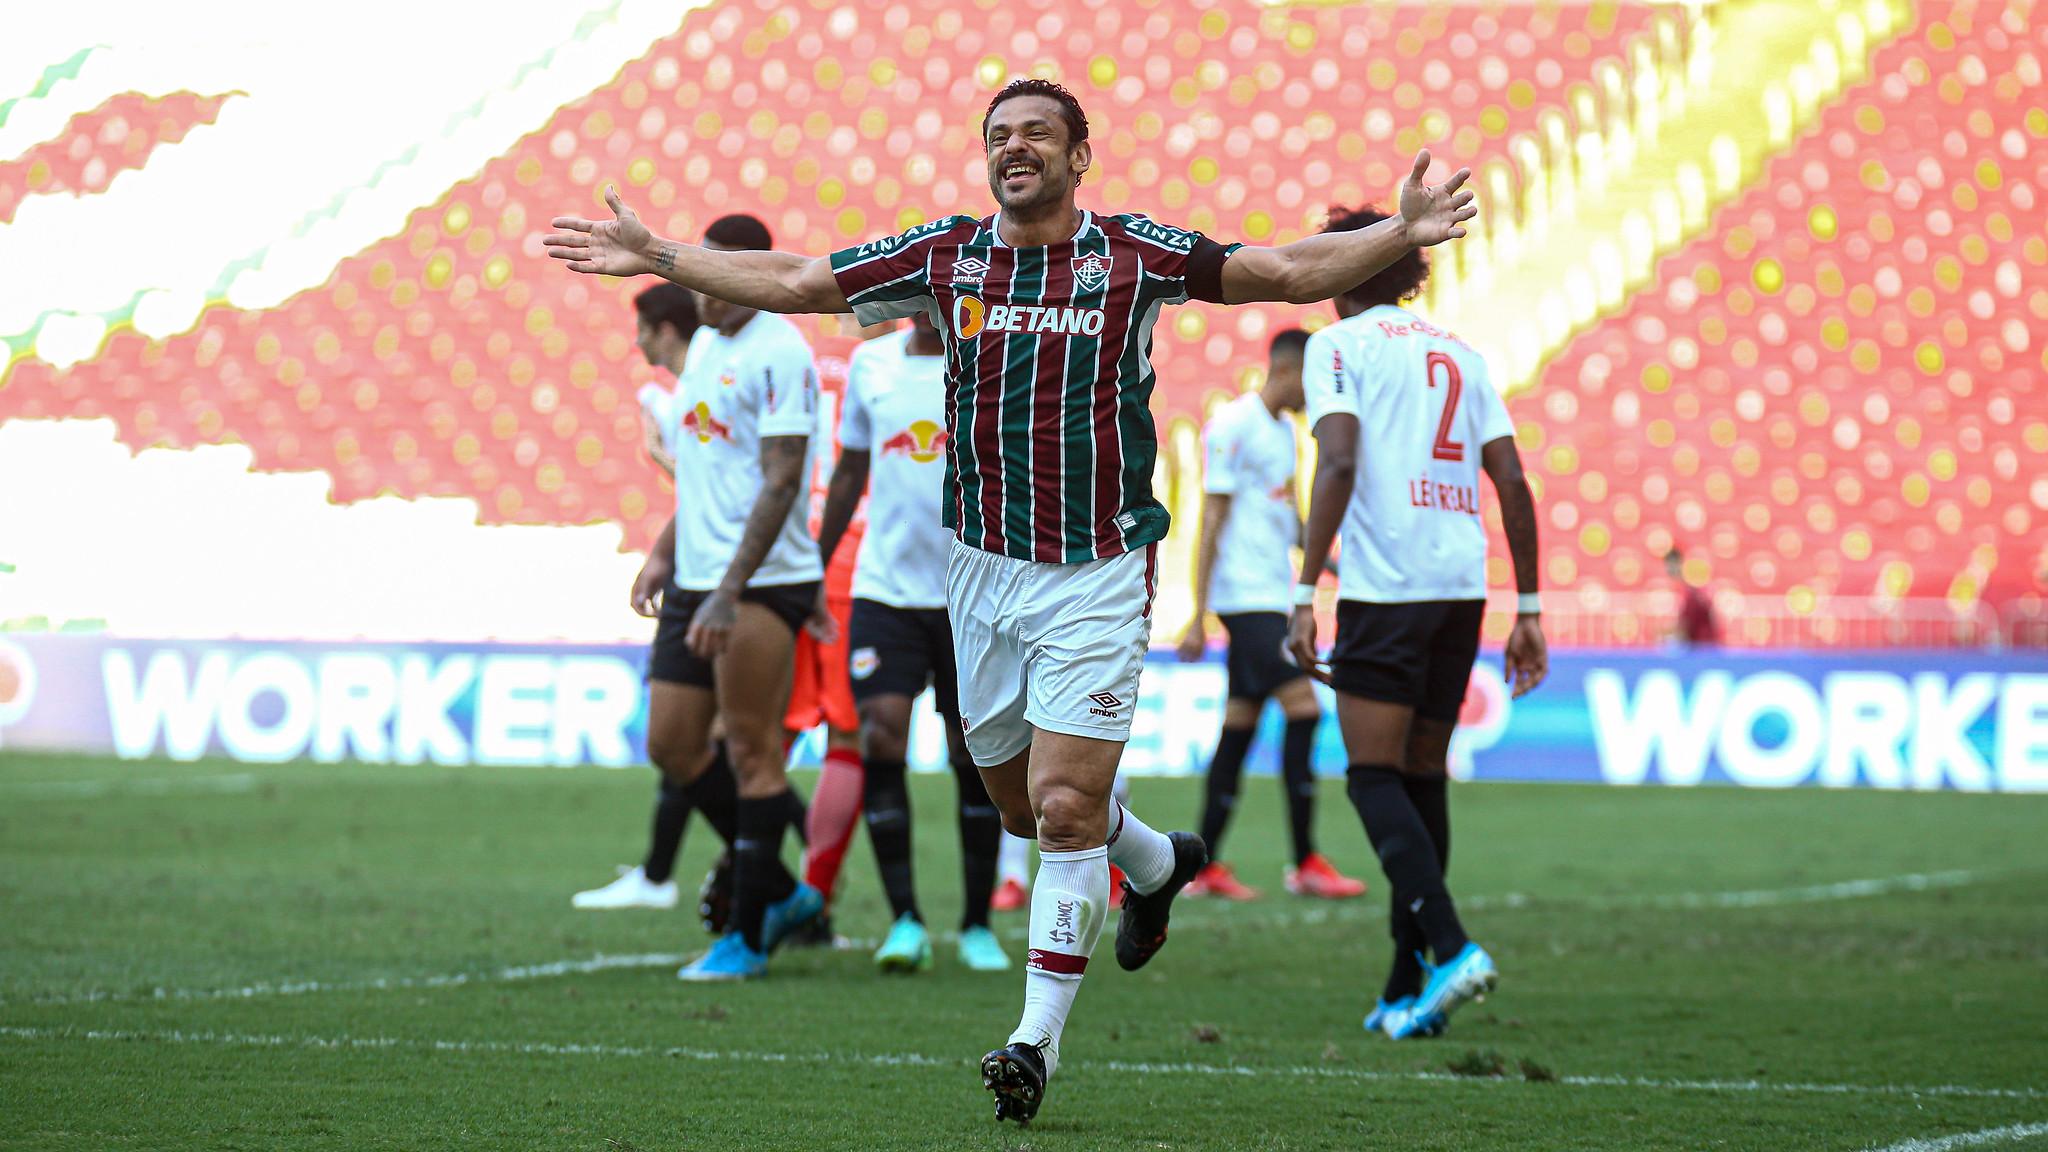 Fluminense vence no Maracanã e segue na cola do G-6 do Brasileirão